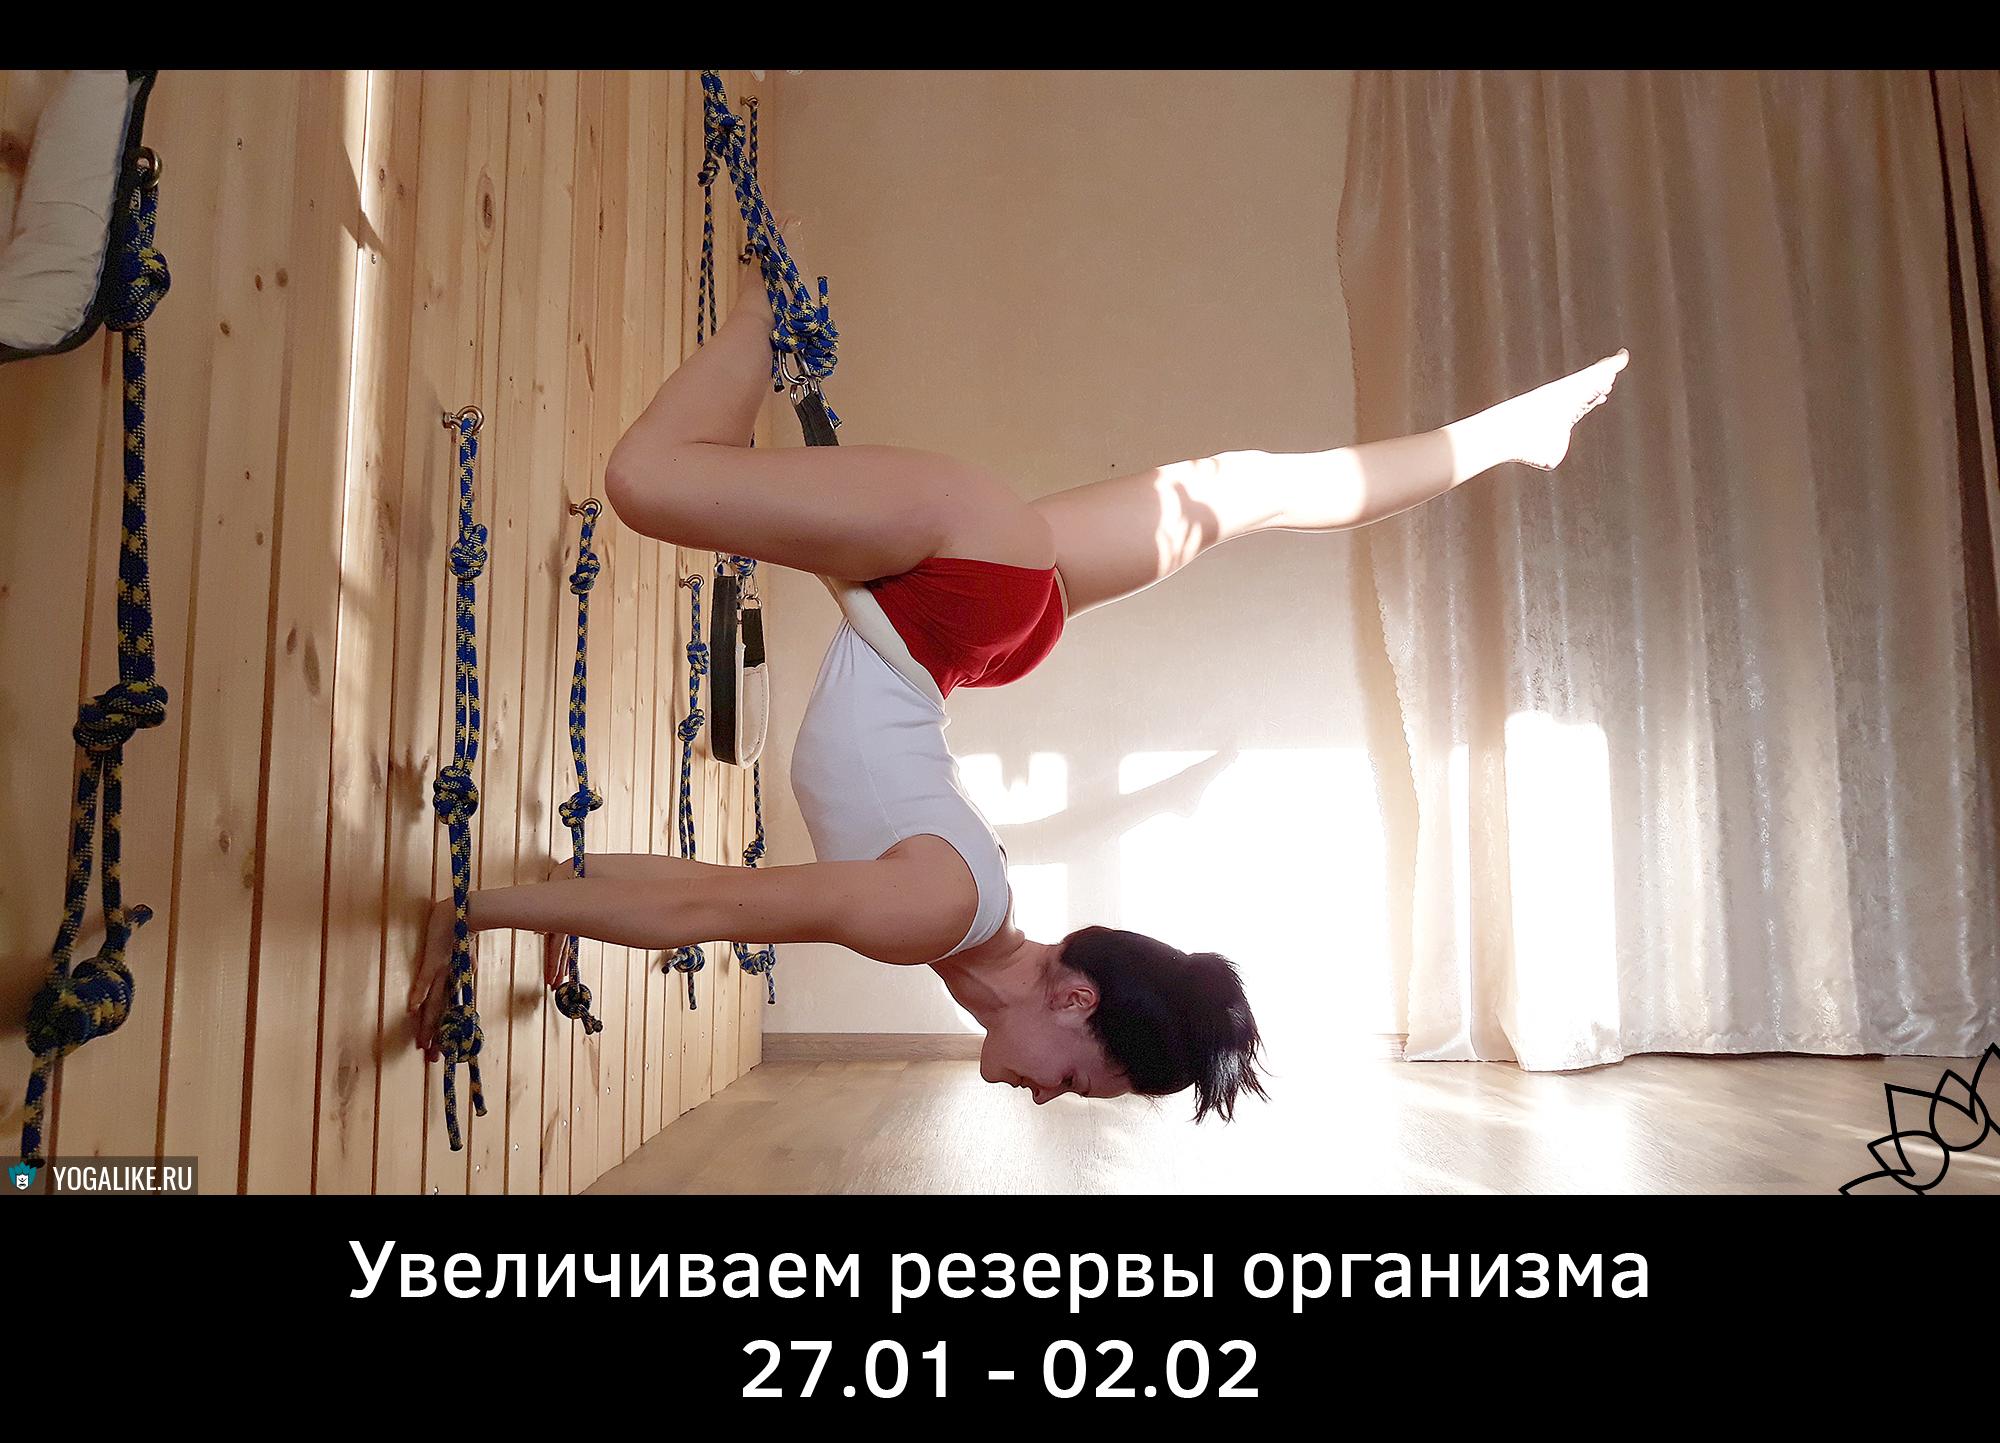 Увеличение резервов организма в Павшинской Пойме, Красногорск